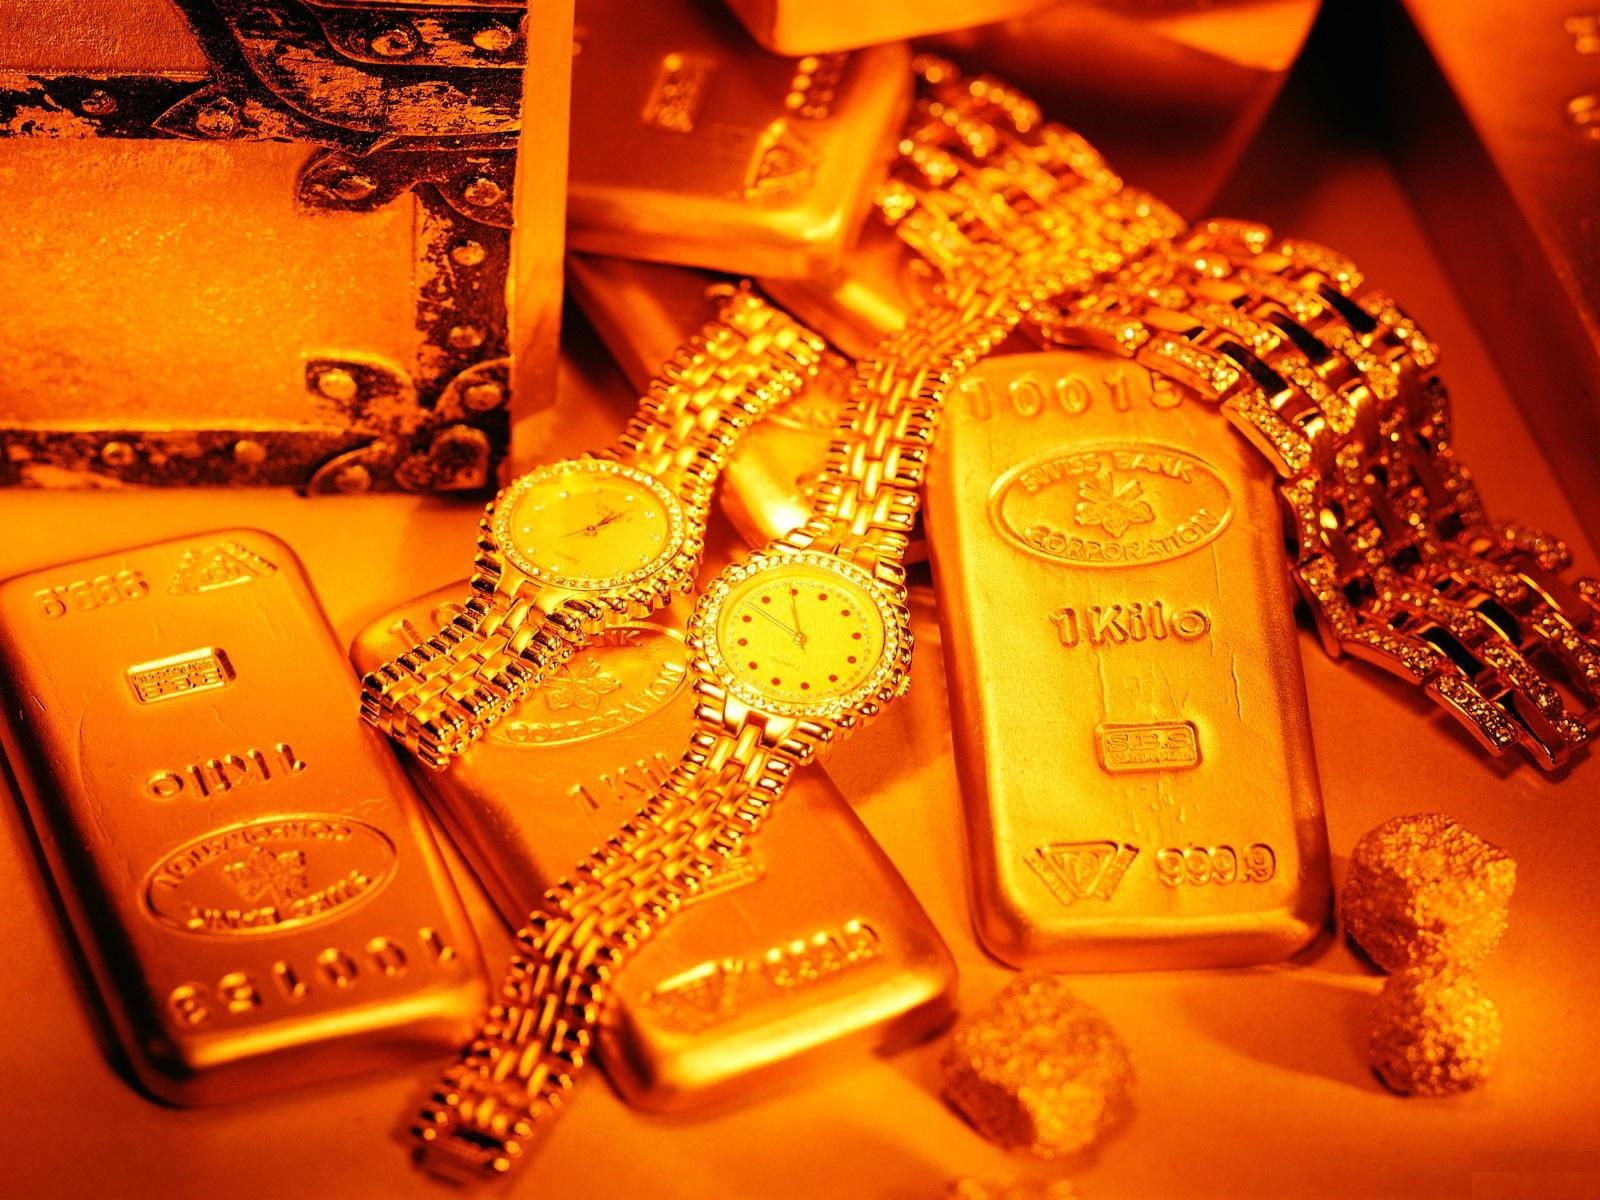 обои на рабочий стол деньги золото и кристаллы скачать бесплатно № 8695 без смс